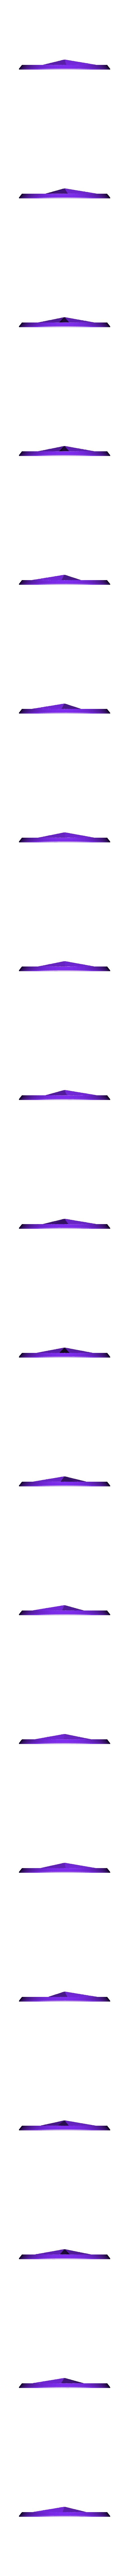 amg_logo_scale__96_dans_slicer.stl Télécharger fichier STL gratuit Roue de course AMG GT3 DIY • Objet imprimable en 3D, Aliasze13